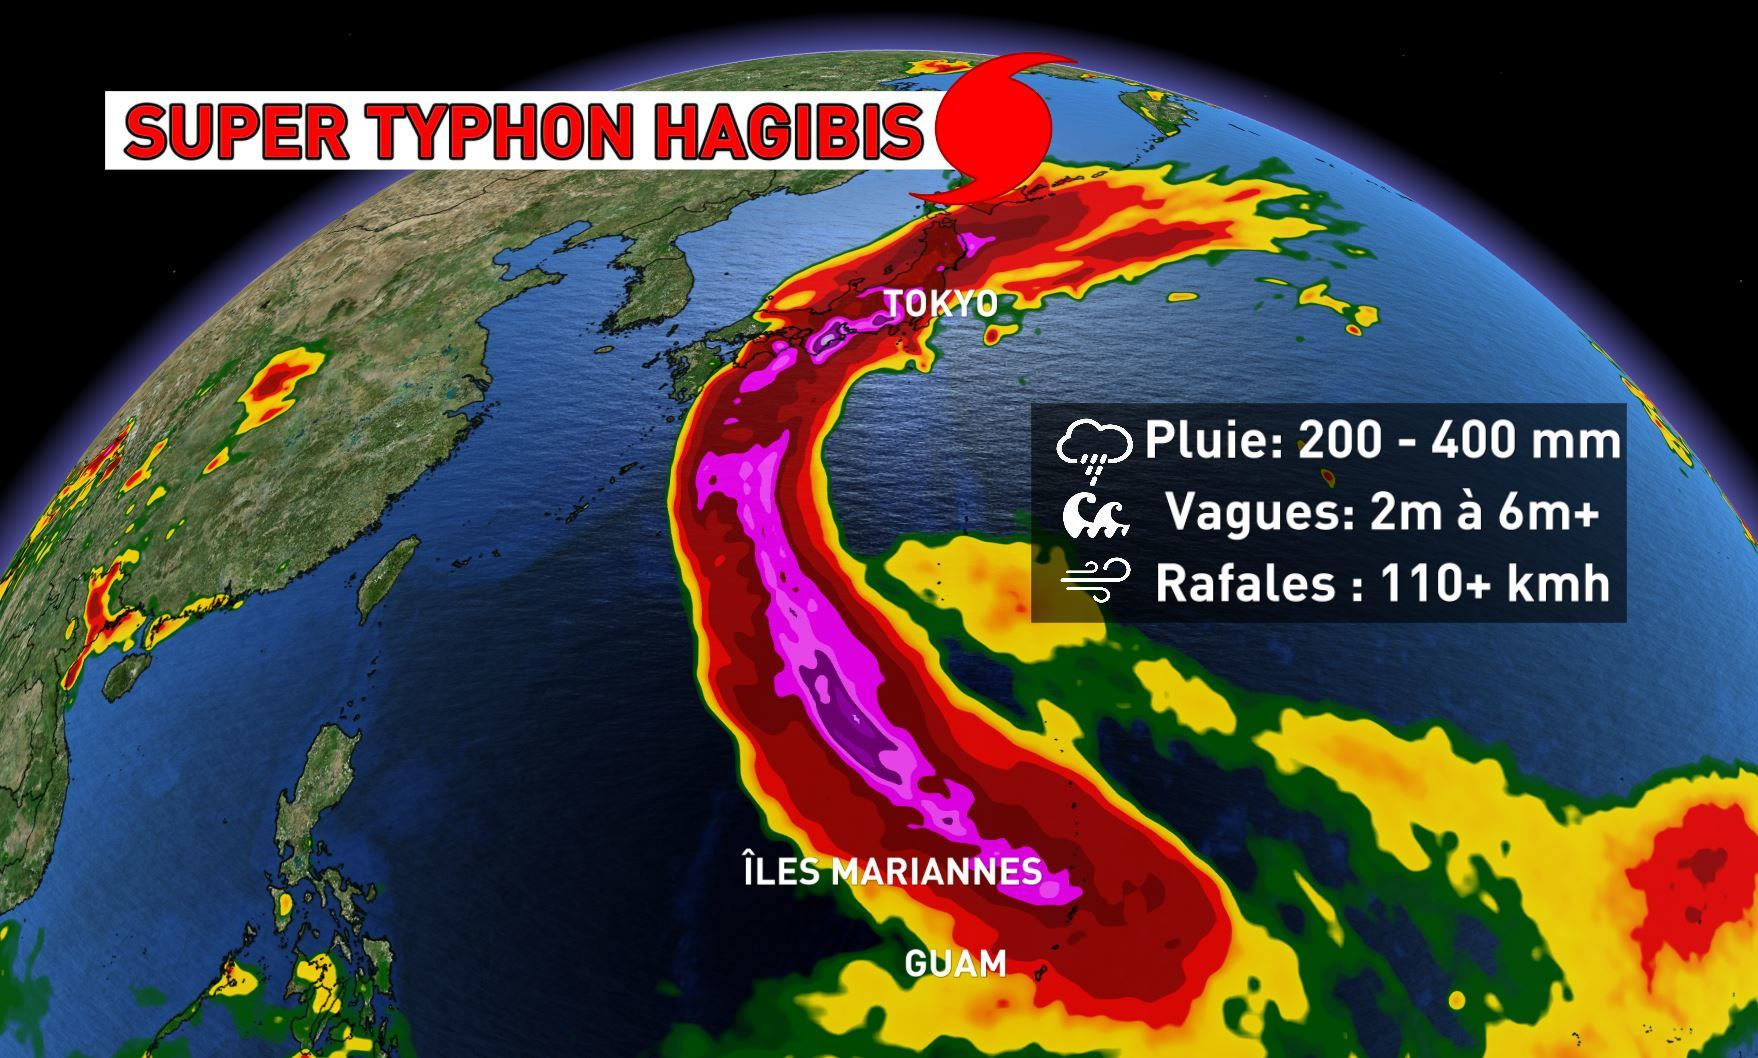 Le typhon Hagibis fait au moins 56 morts, 110.000 secouristes mobilisés — Japon